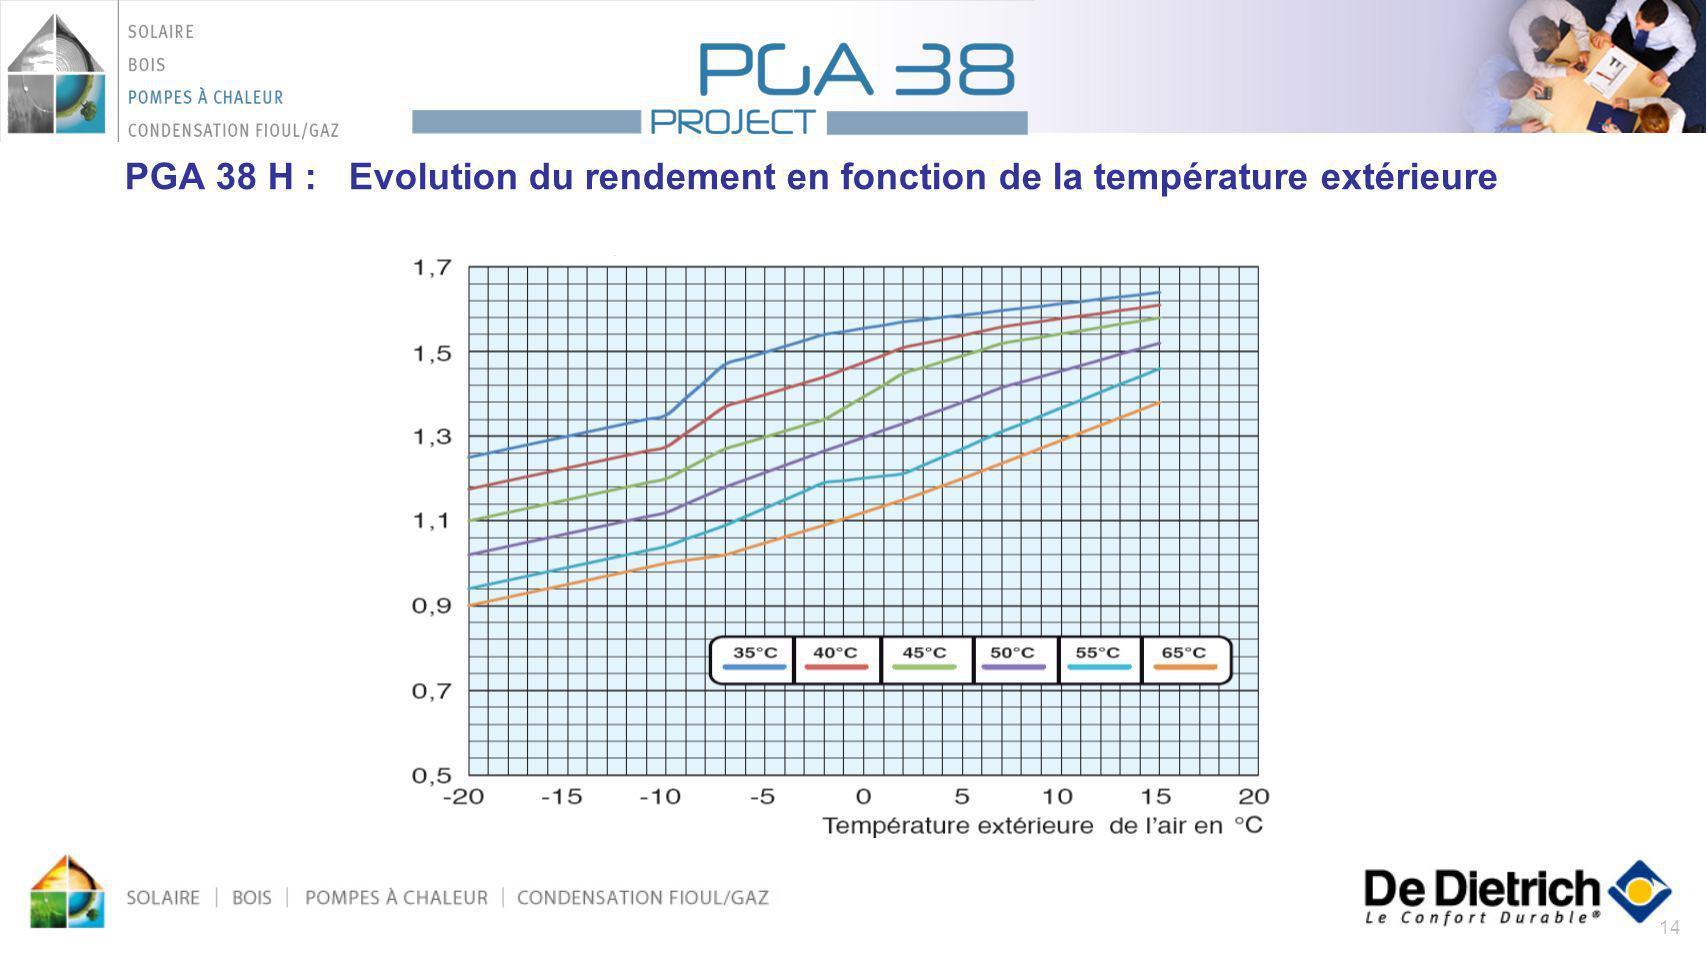 PGA 38 H : Evolution du rendement en fonction de la température extérieure